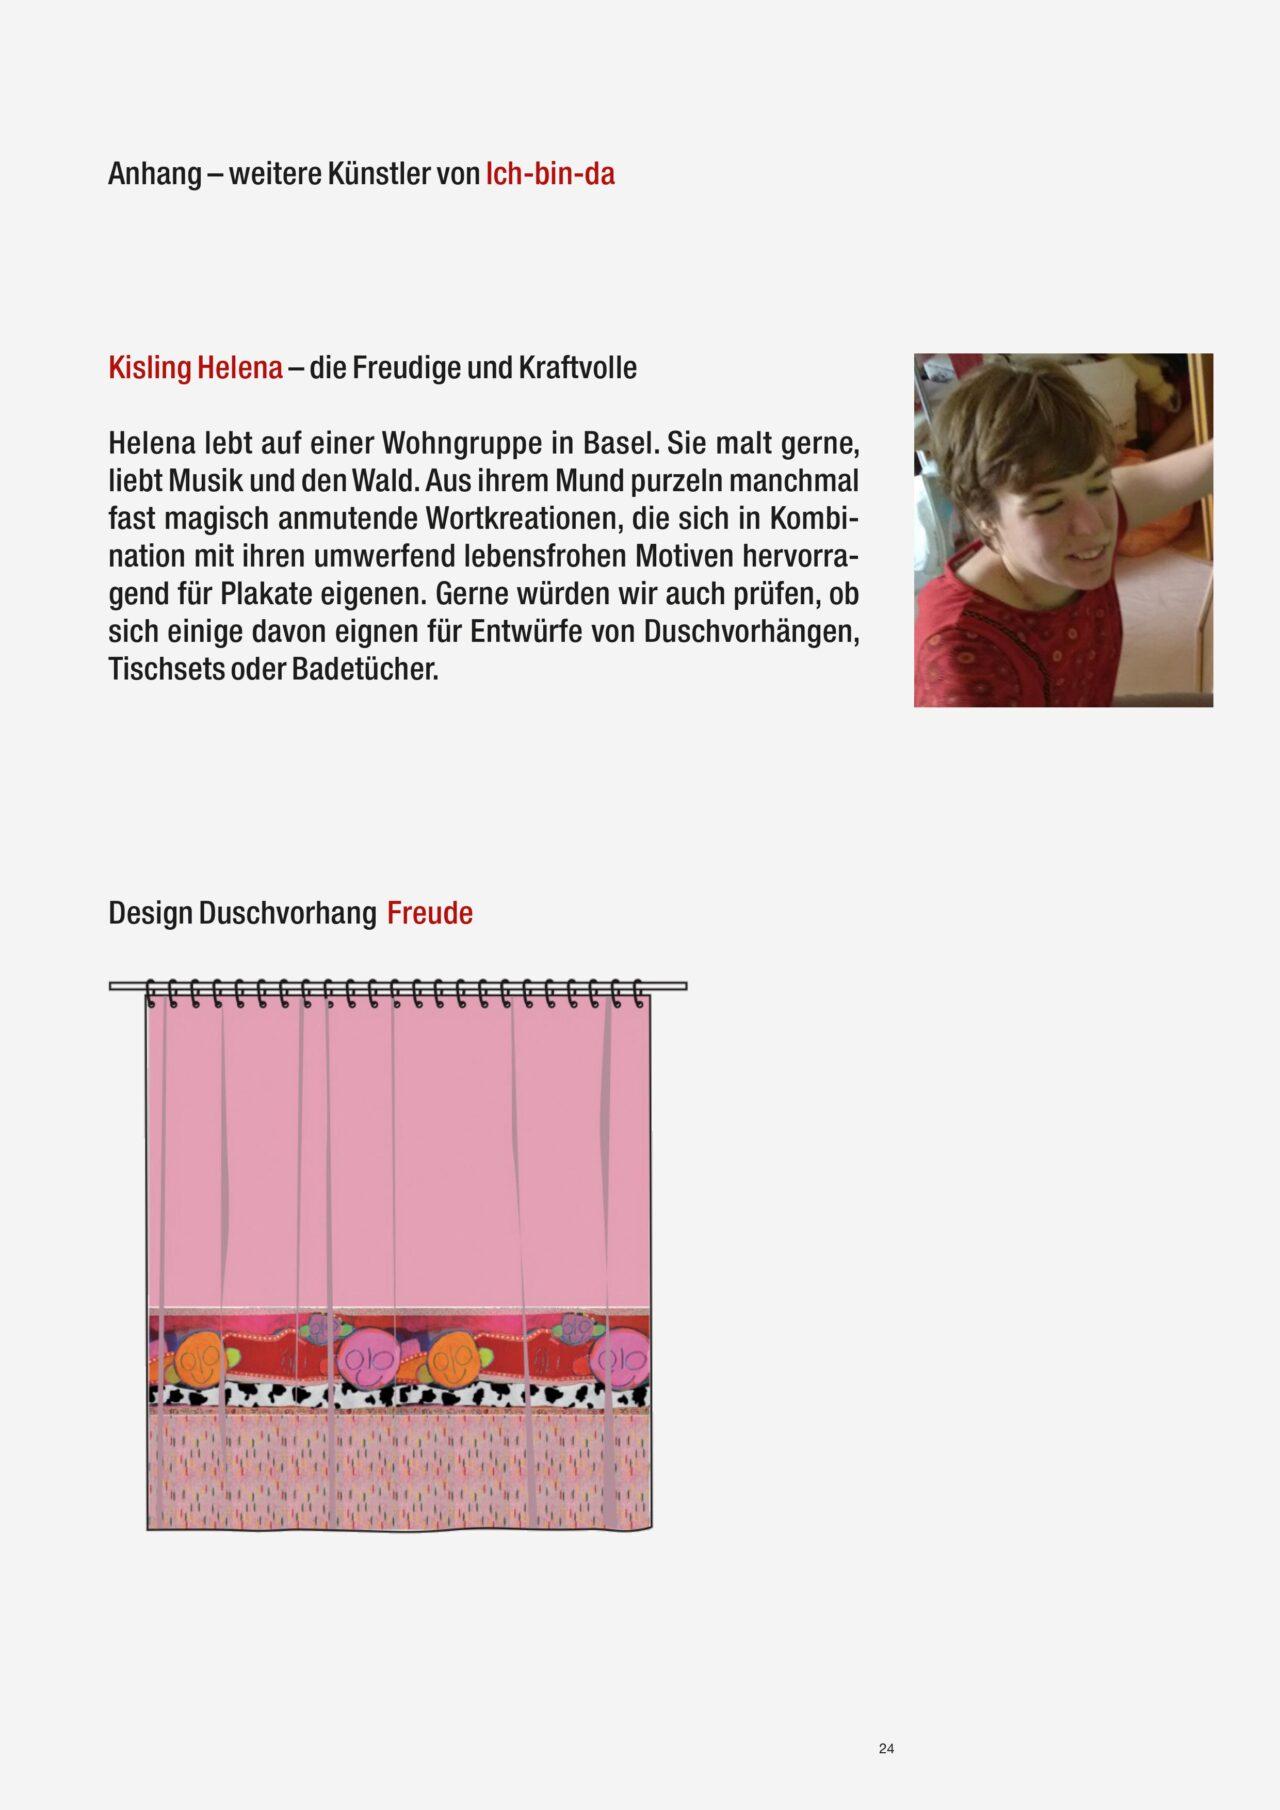 textildesign-menschen-mit-behinderungen-kunst-art-brut-basel-schweiz-elias-dahler